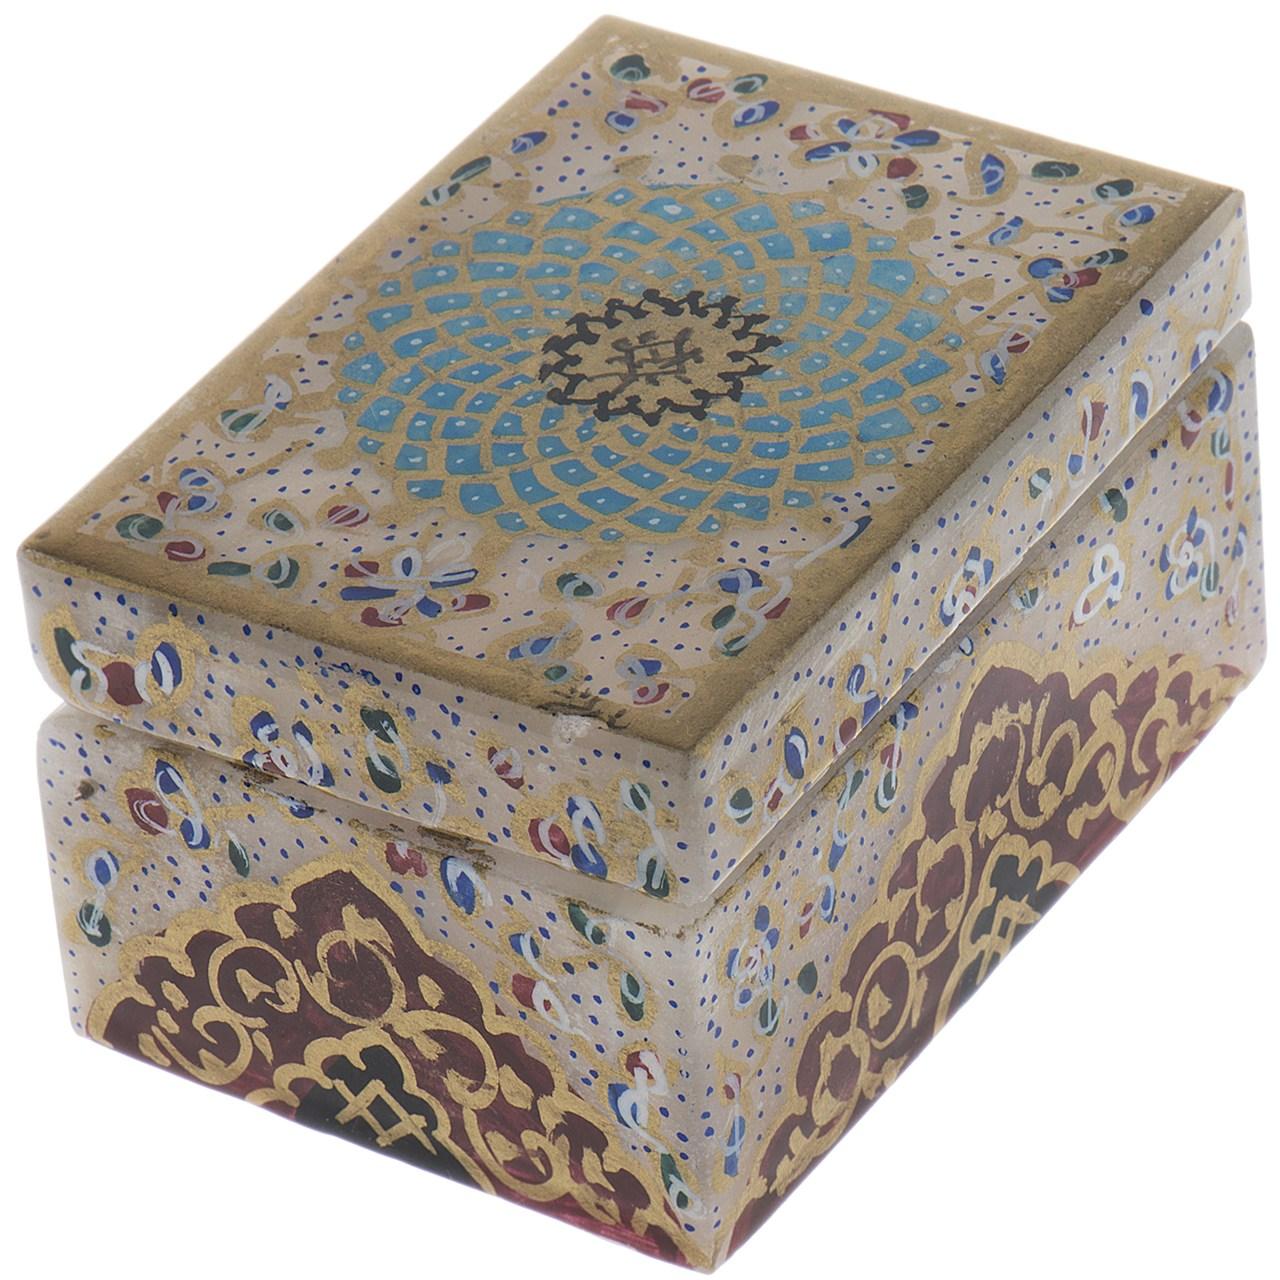 جعبه سنگ مرمر اثر بابایی طرح تذهیب فرش سایز 7 × 5 سانتی متر